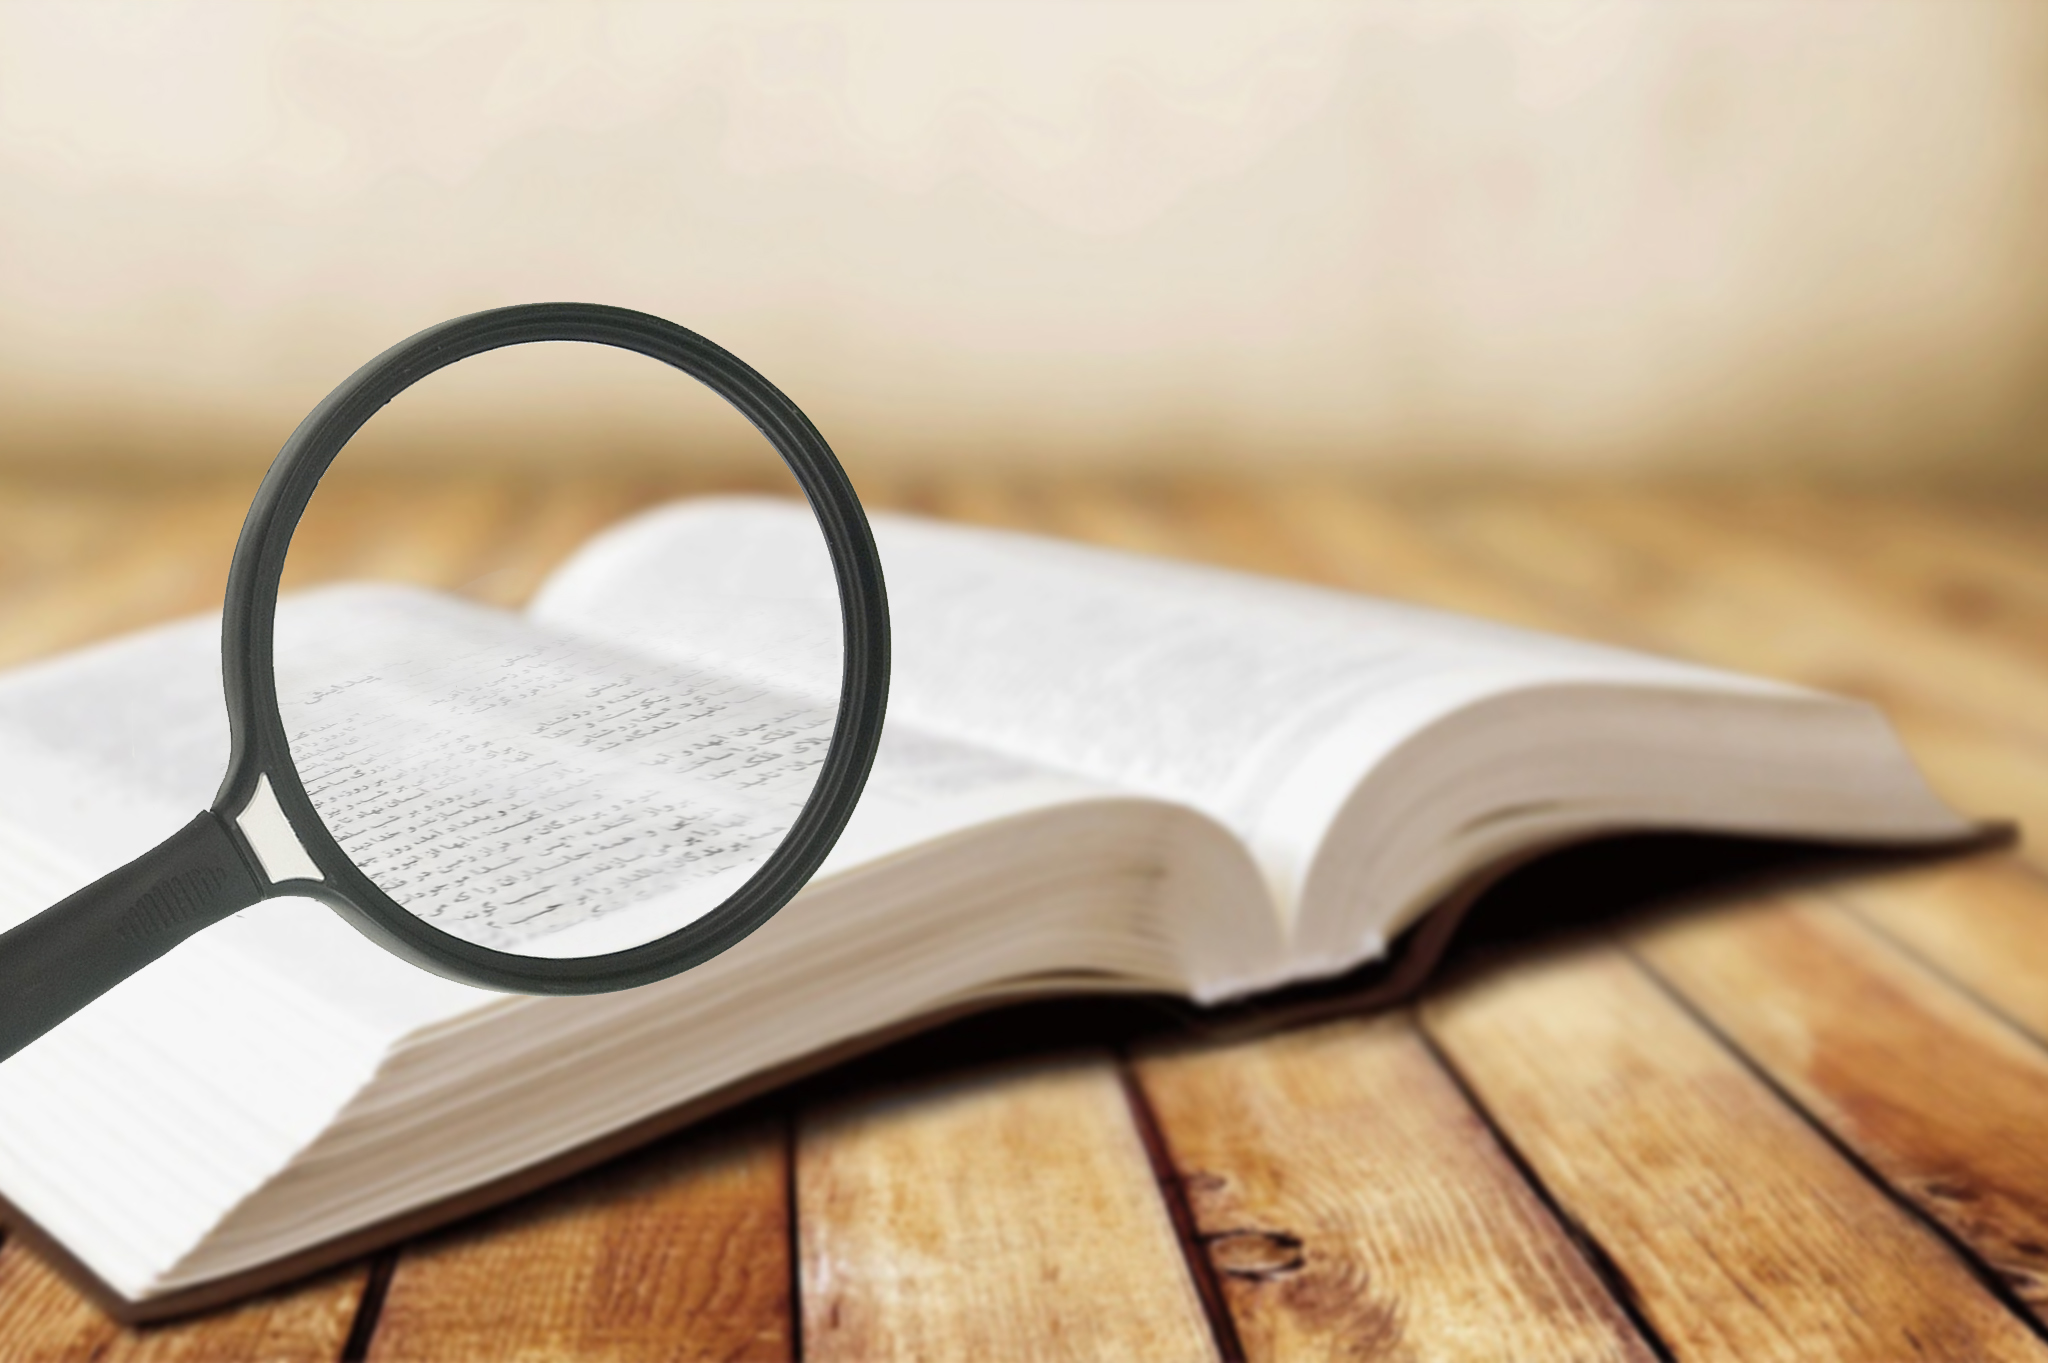 چهار قدم در تامل و تفکر در کلام خدا